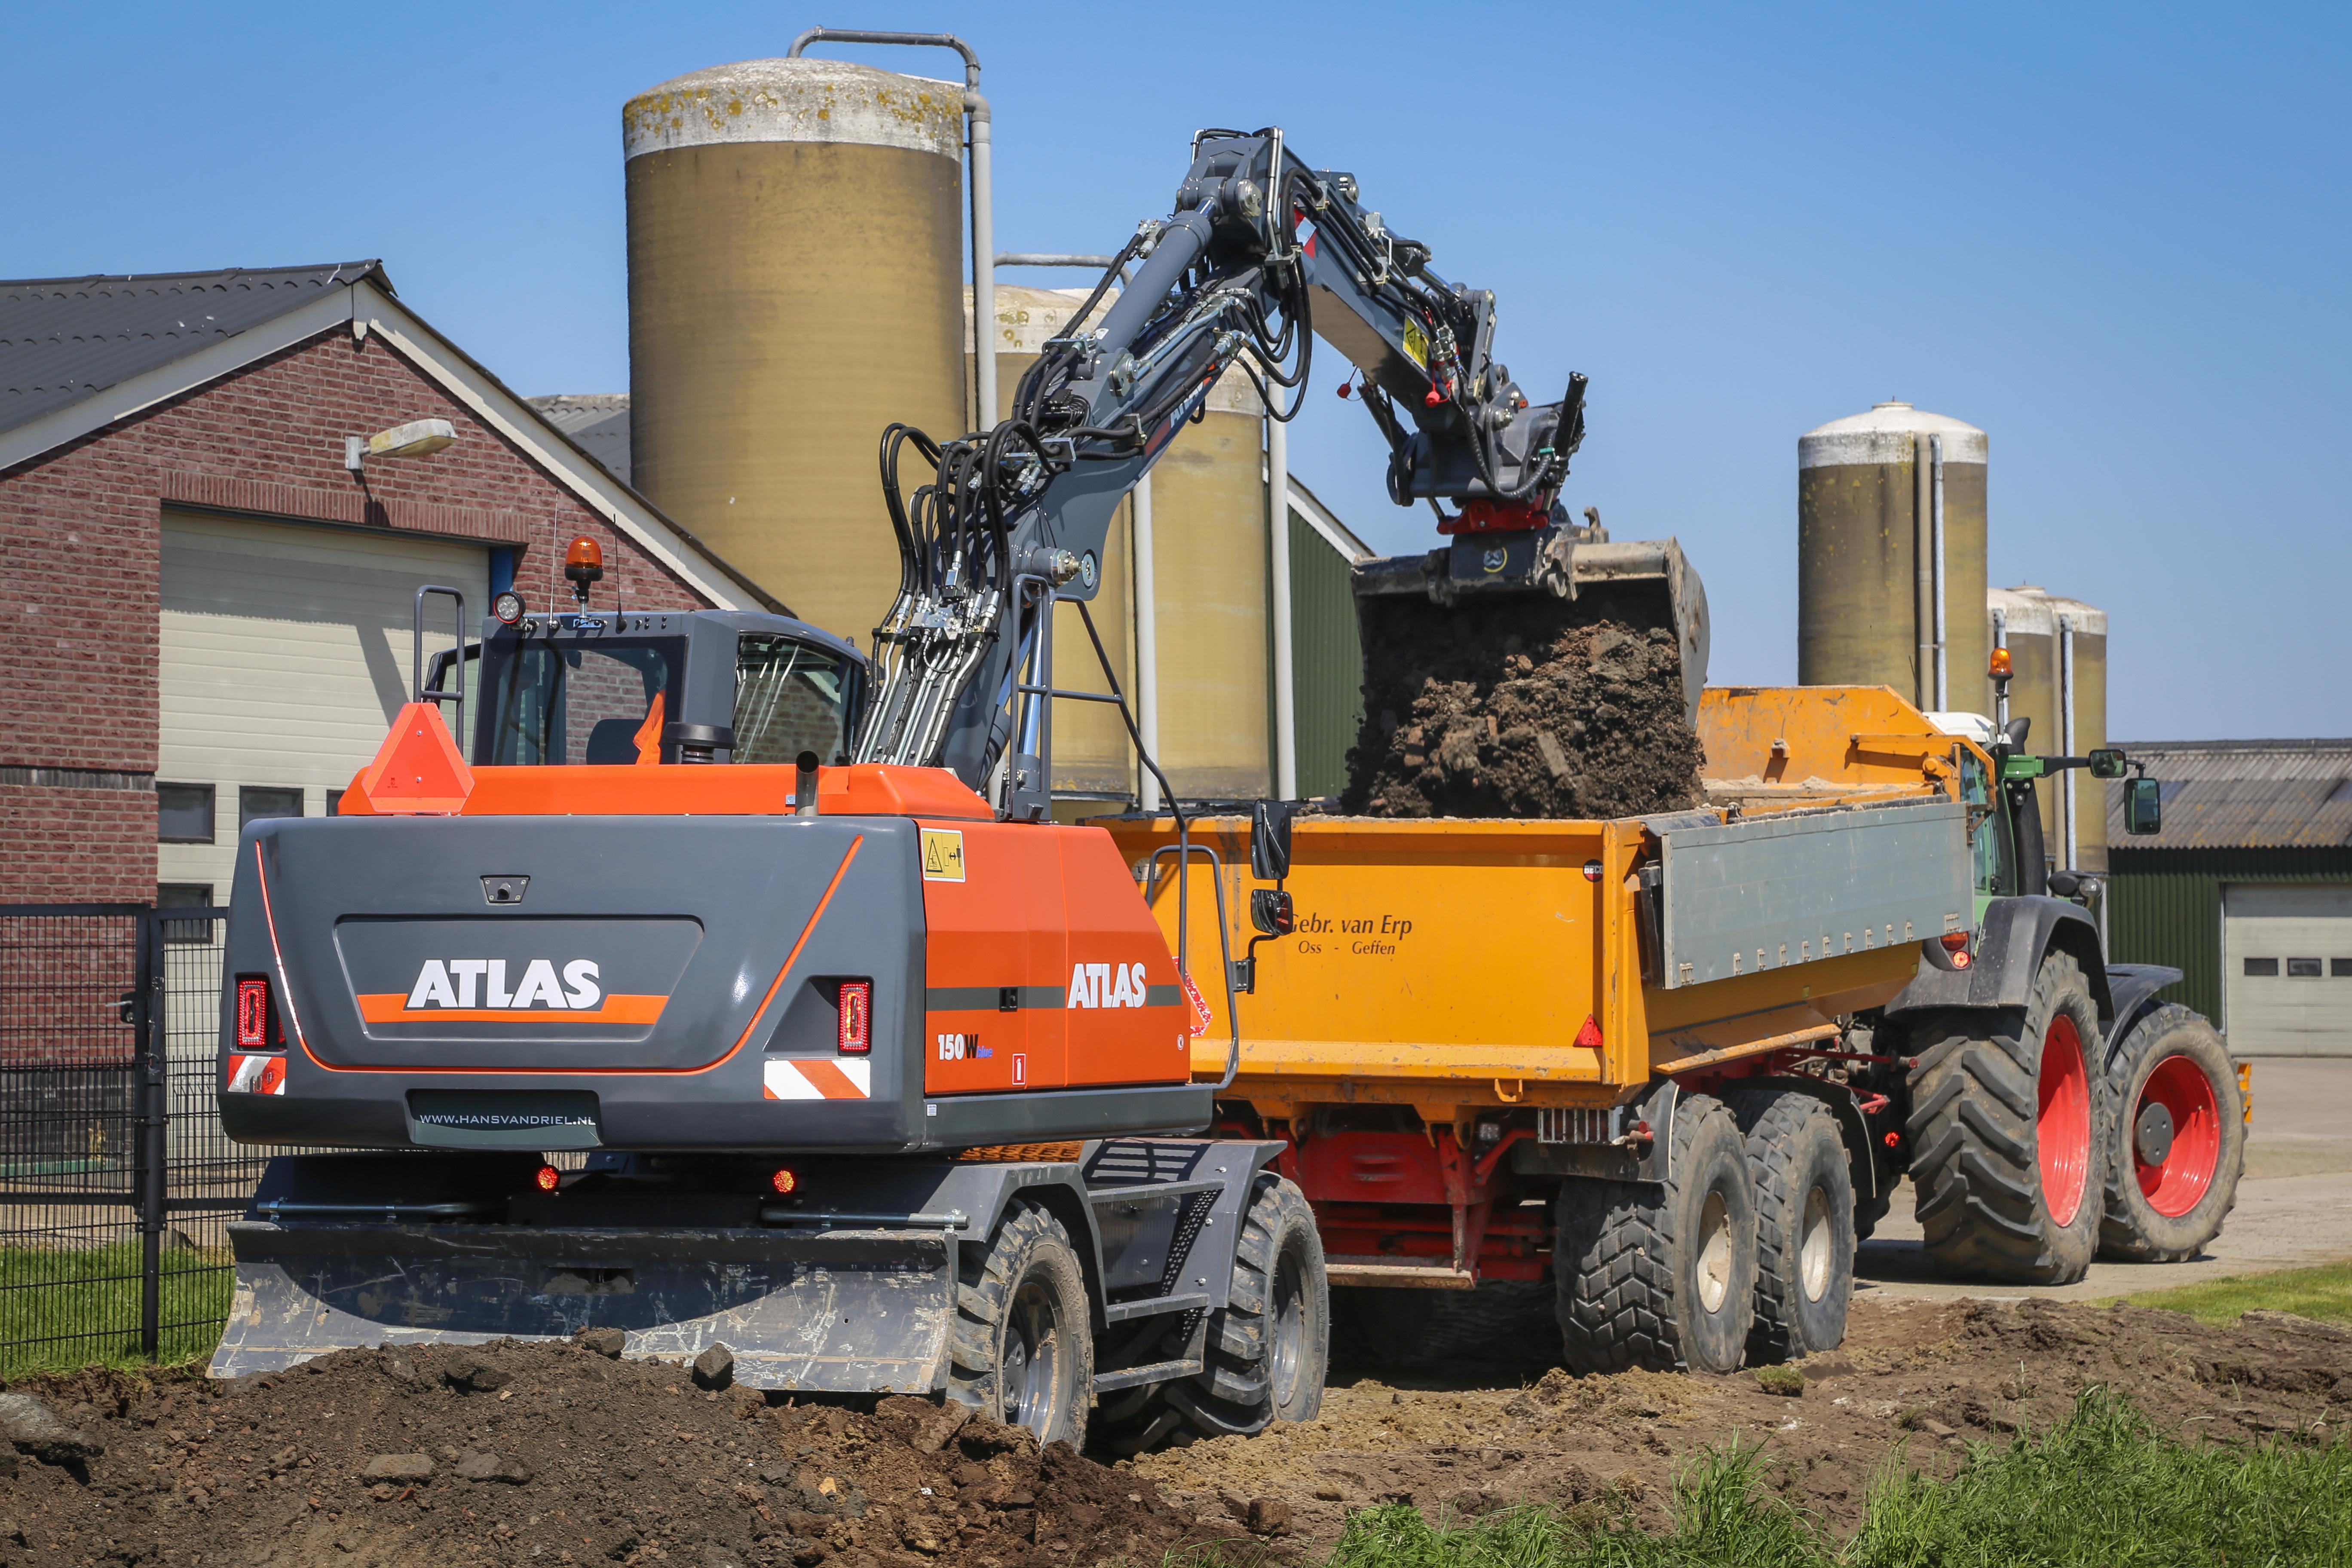 <p>Loon- en grondverzetbedrijf Coppens in Oss gebruikt zijn Rototilt R4 wig-wig nu ruim een maand aan de Atlas W150.</p>